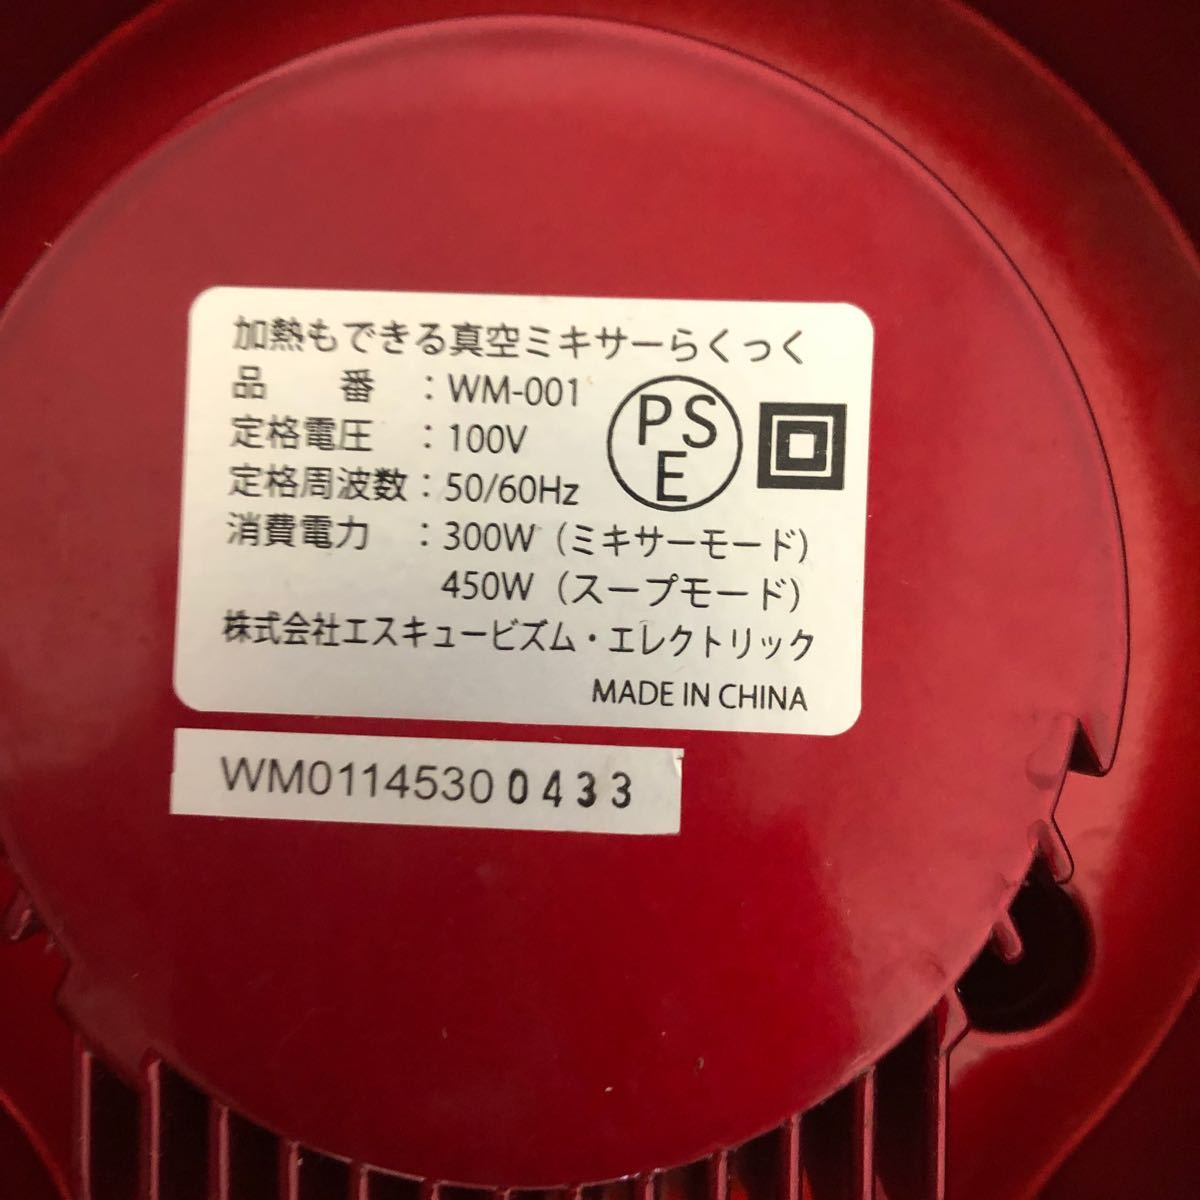 クッキングミキサー WM-001 真空ミキサー ブレンダー